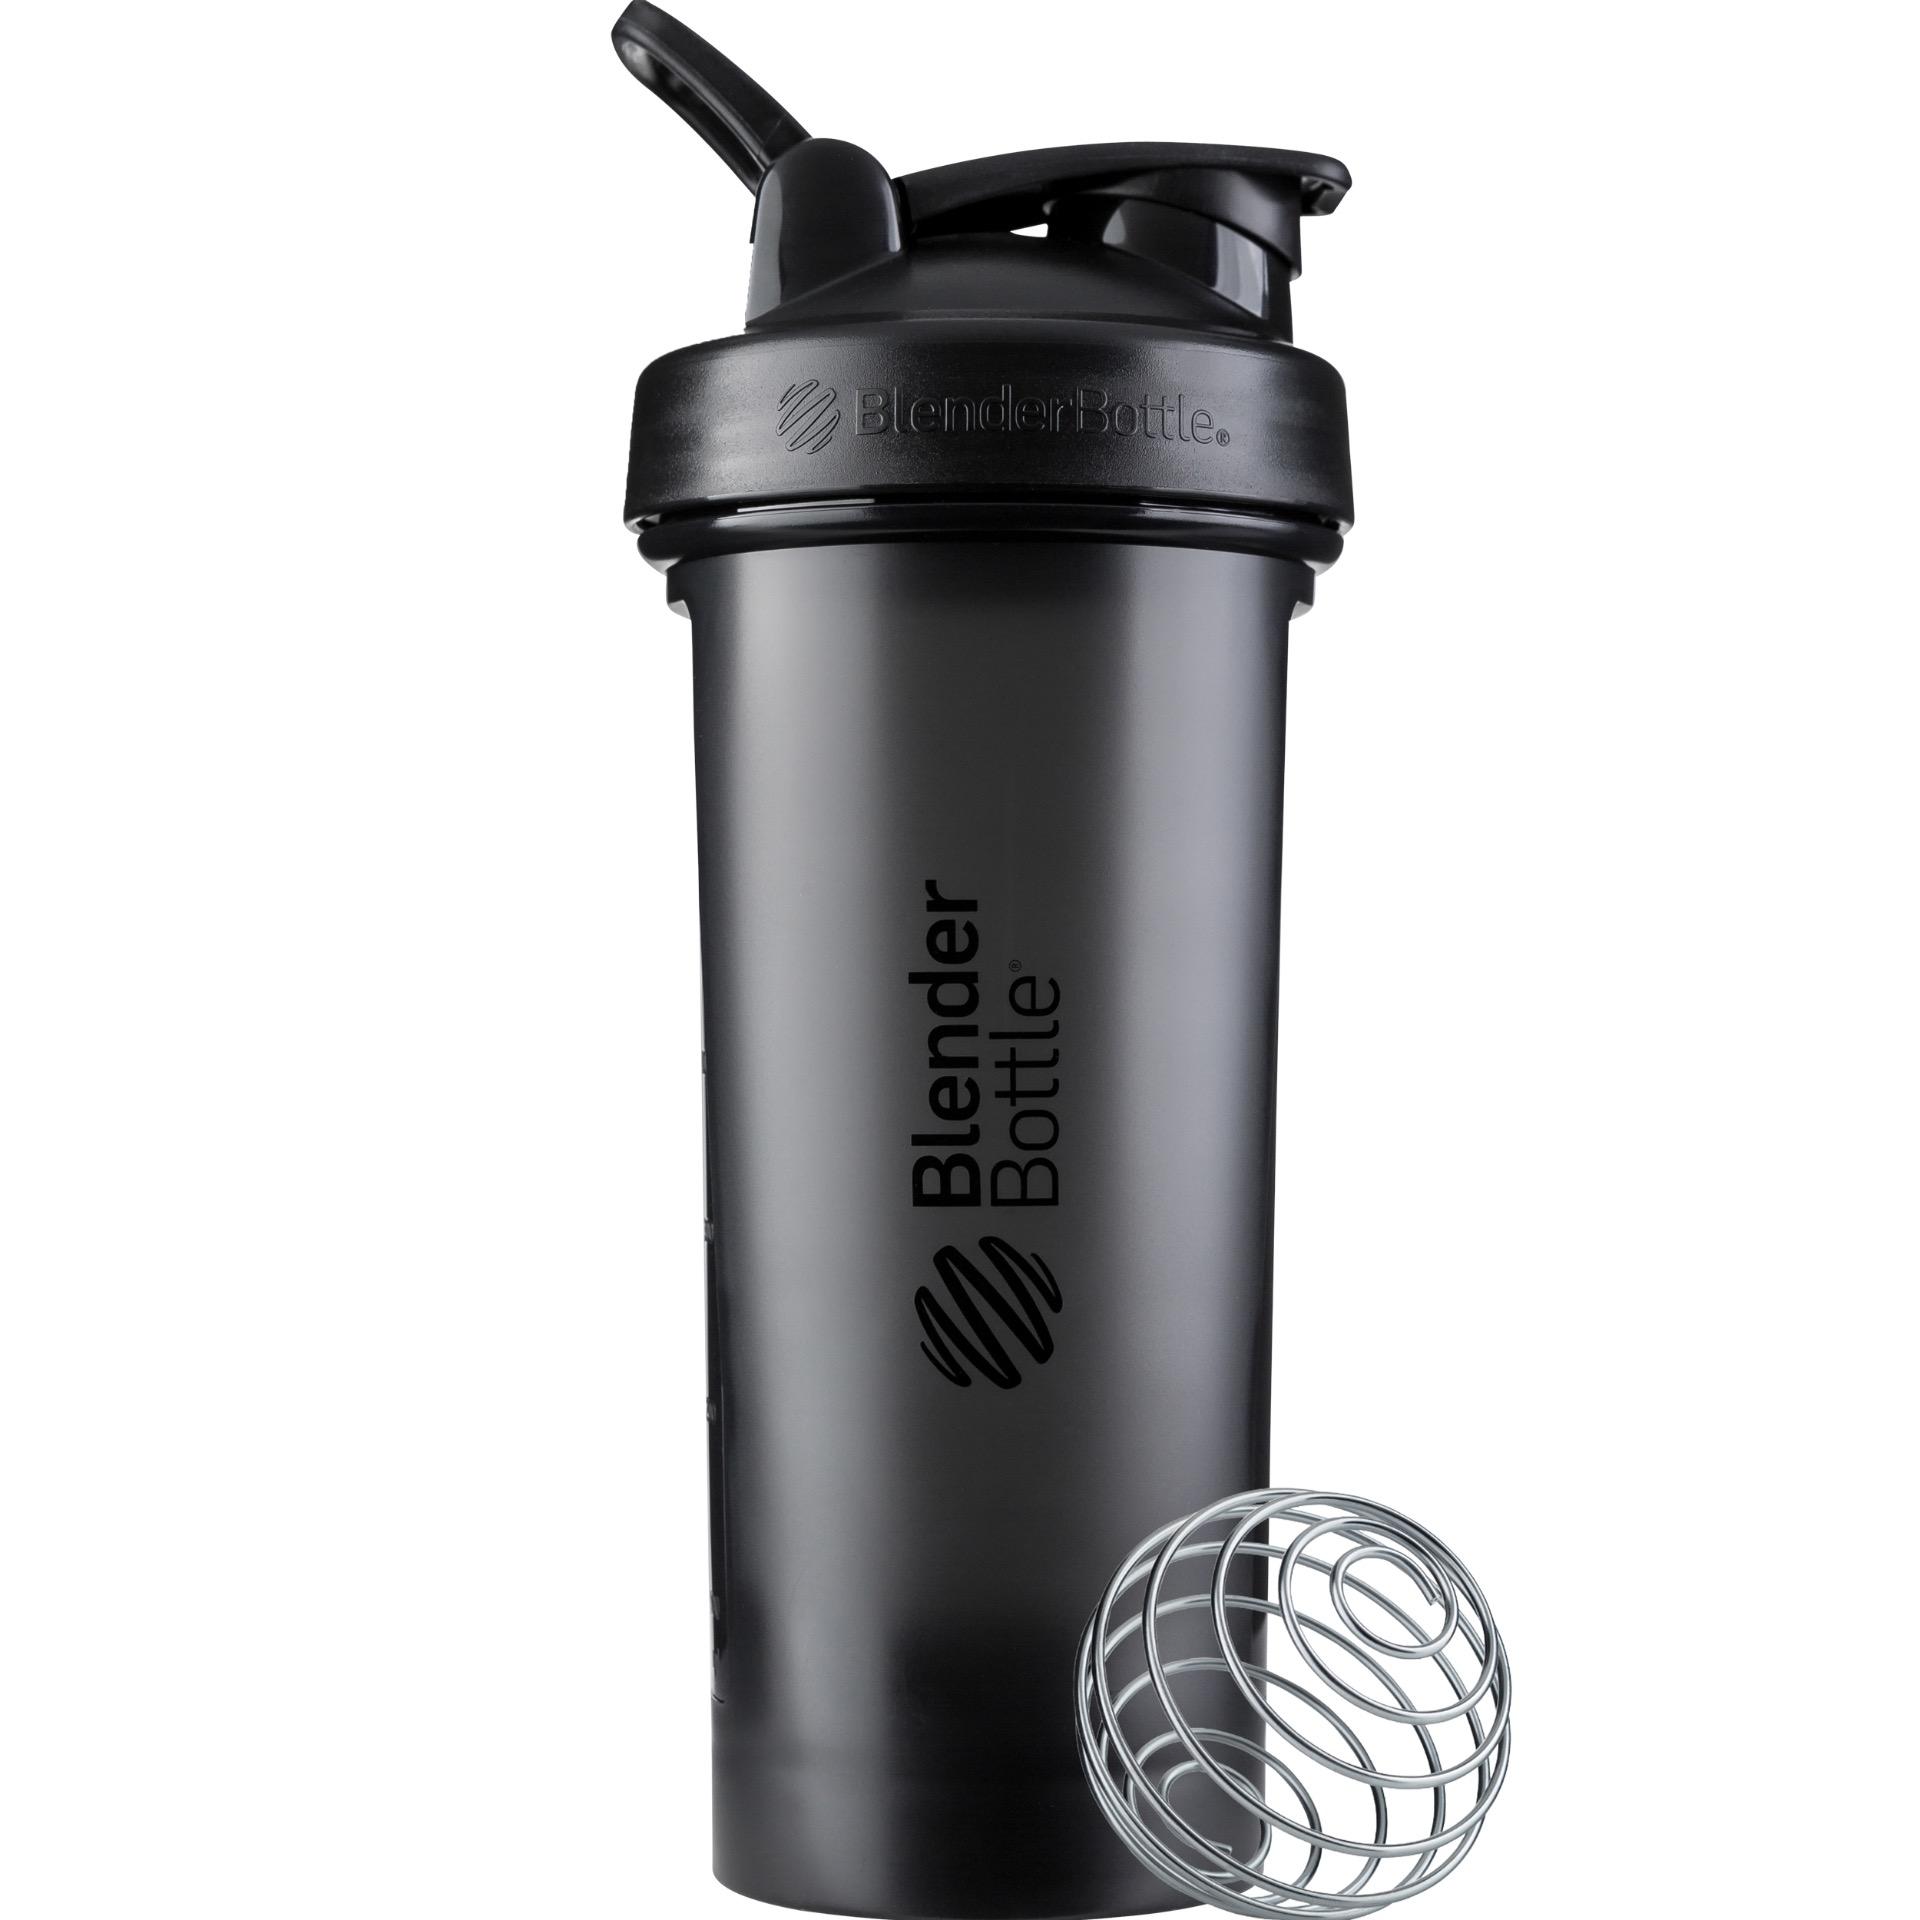 [Blender Bottle] 第2代Classic搖搖杯(830ml/28oz)-夜黑